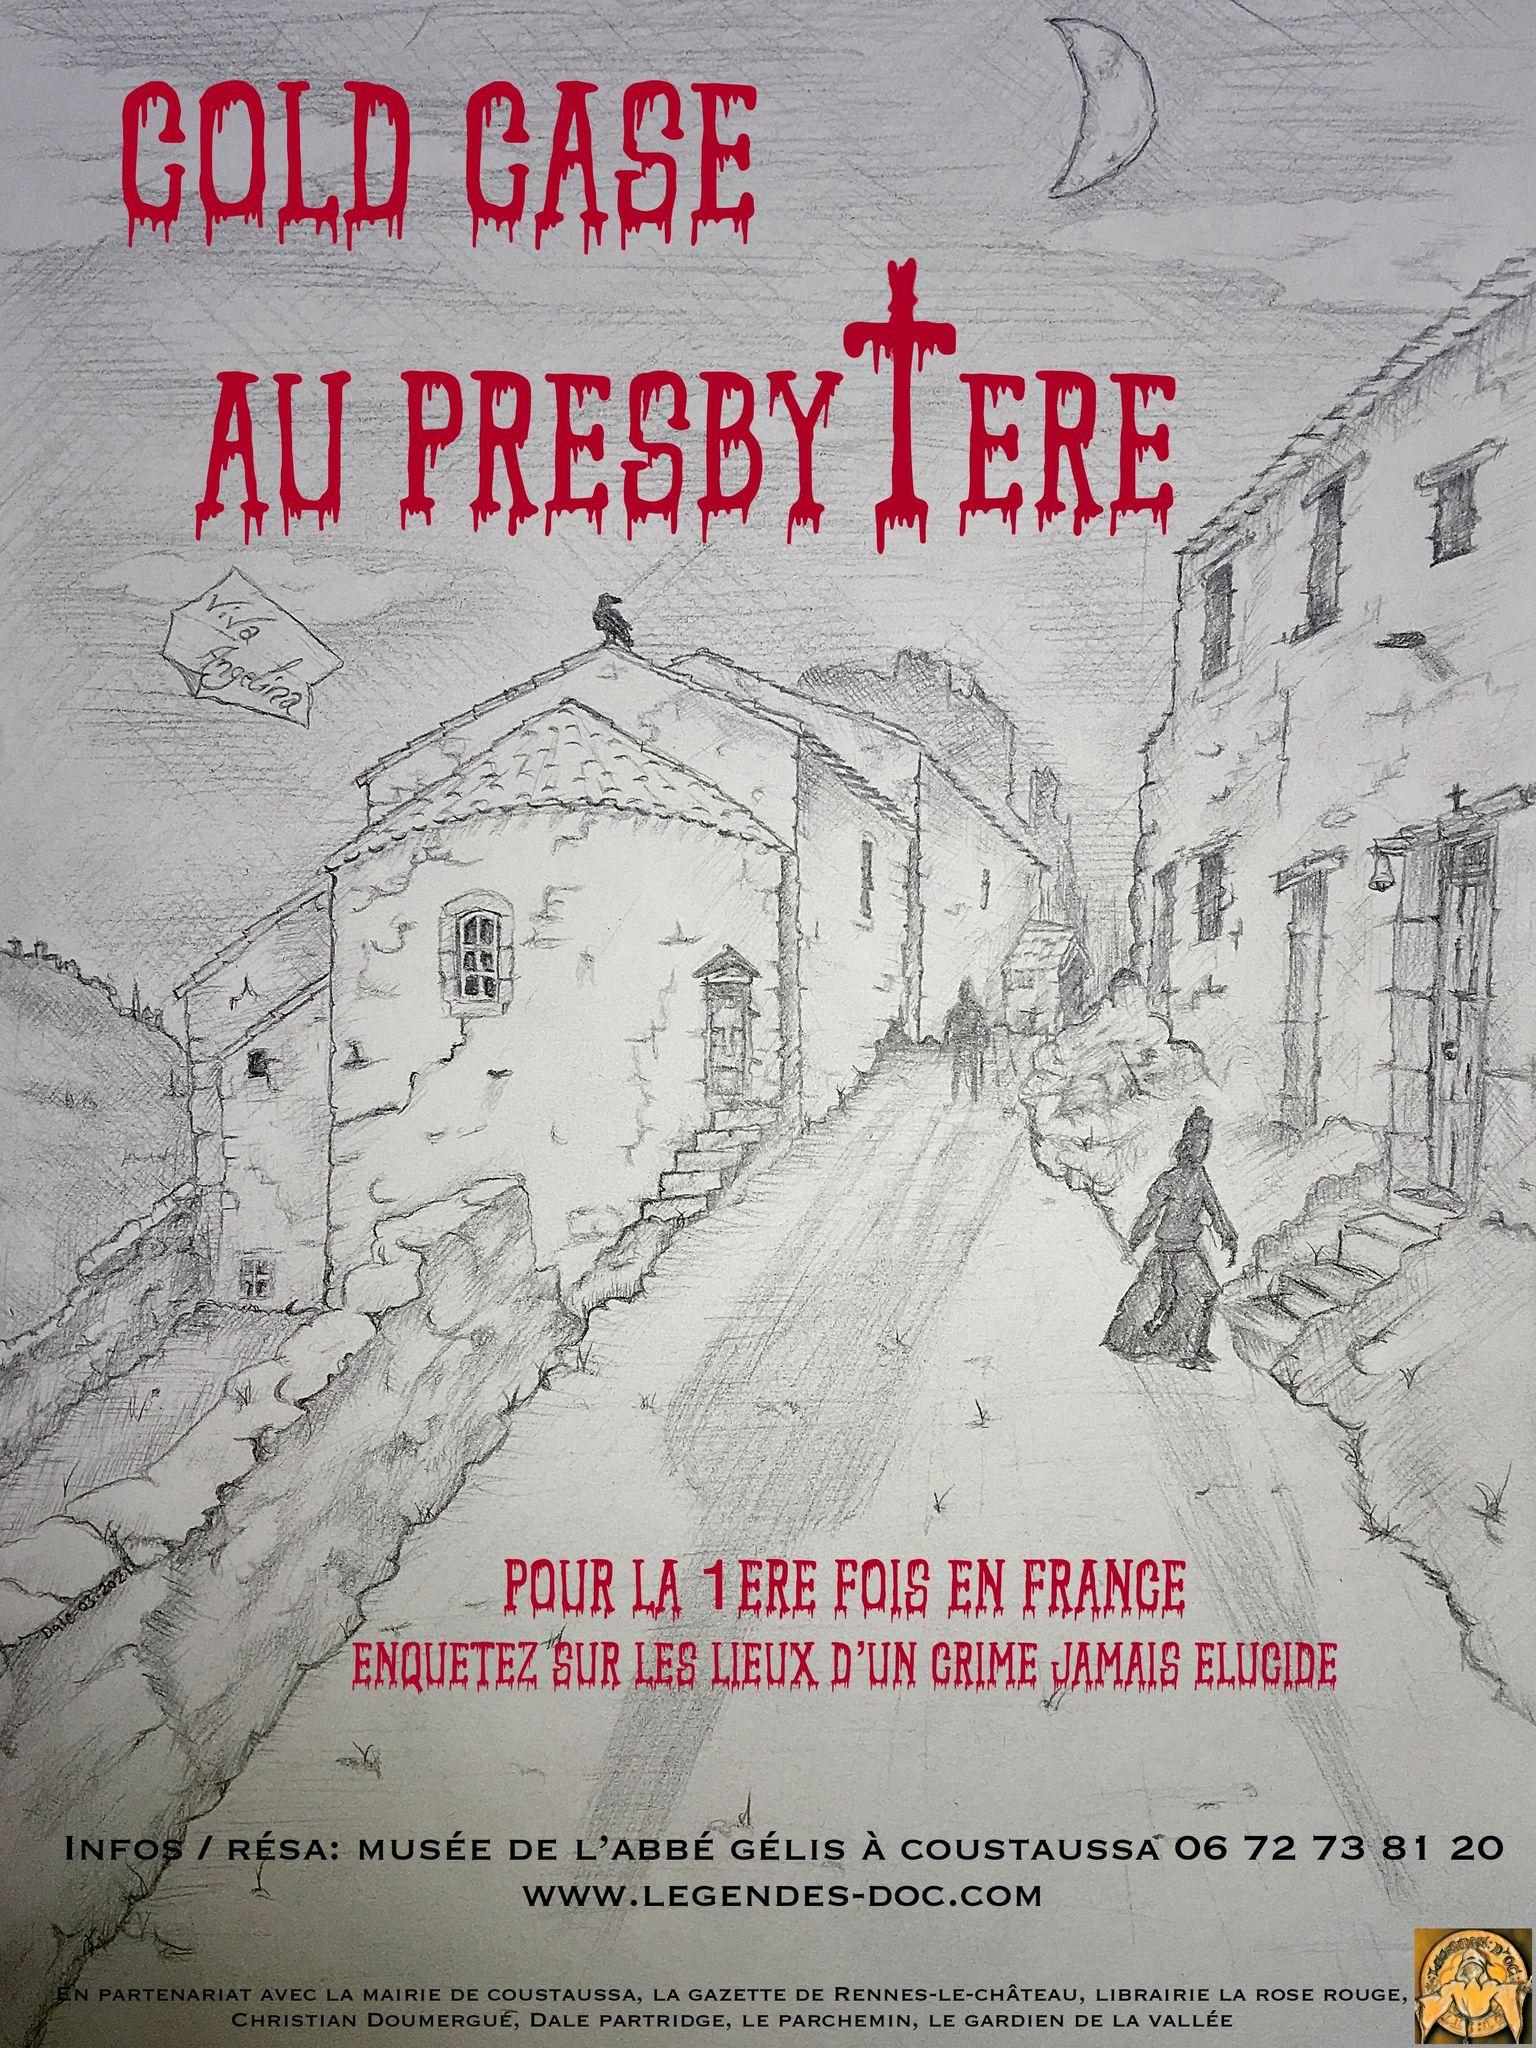 Cold case au presbytère de Coustaussa dans l'Aude, près de Rennes-le-Château après les visites guidées, l'enquête !